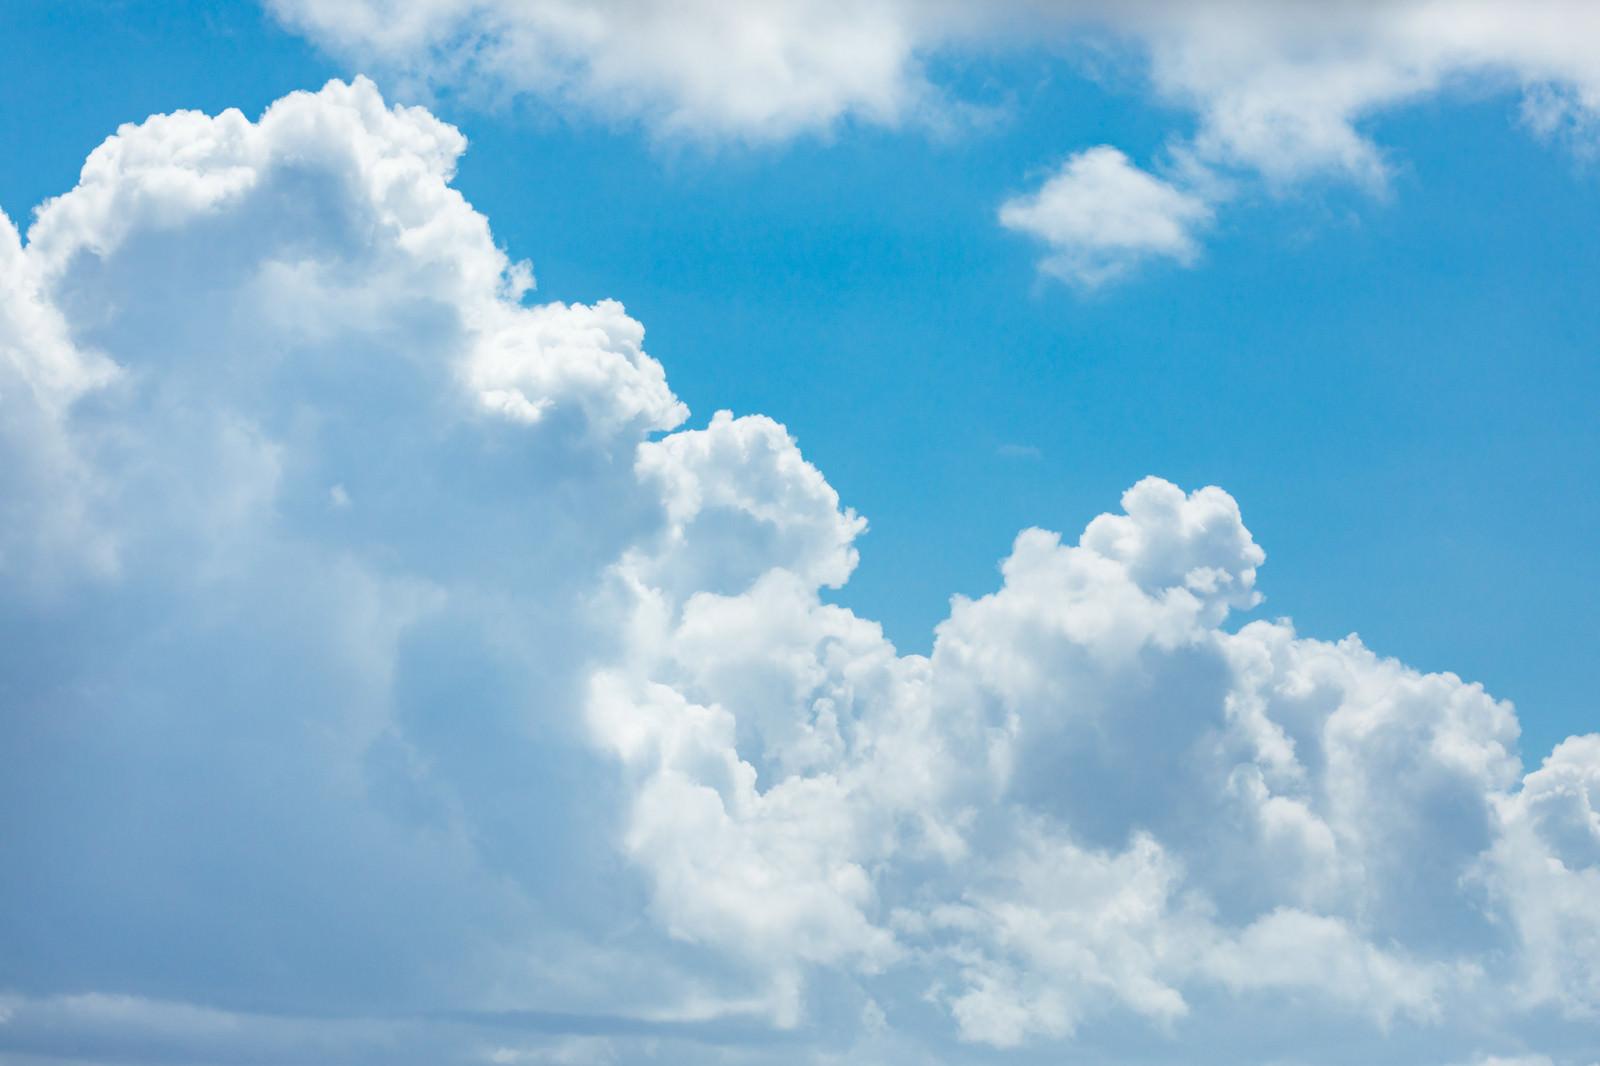 「晴れた日の積乱雲晴れた日の積乱雲」のフリー写真素材を拡大